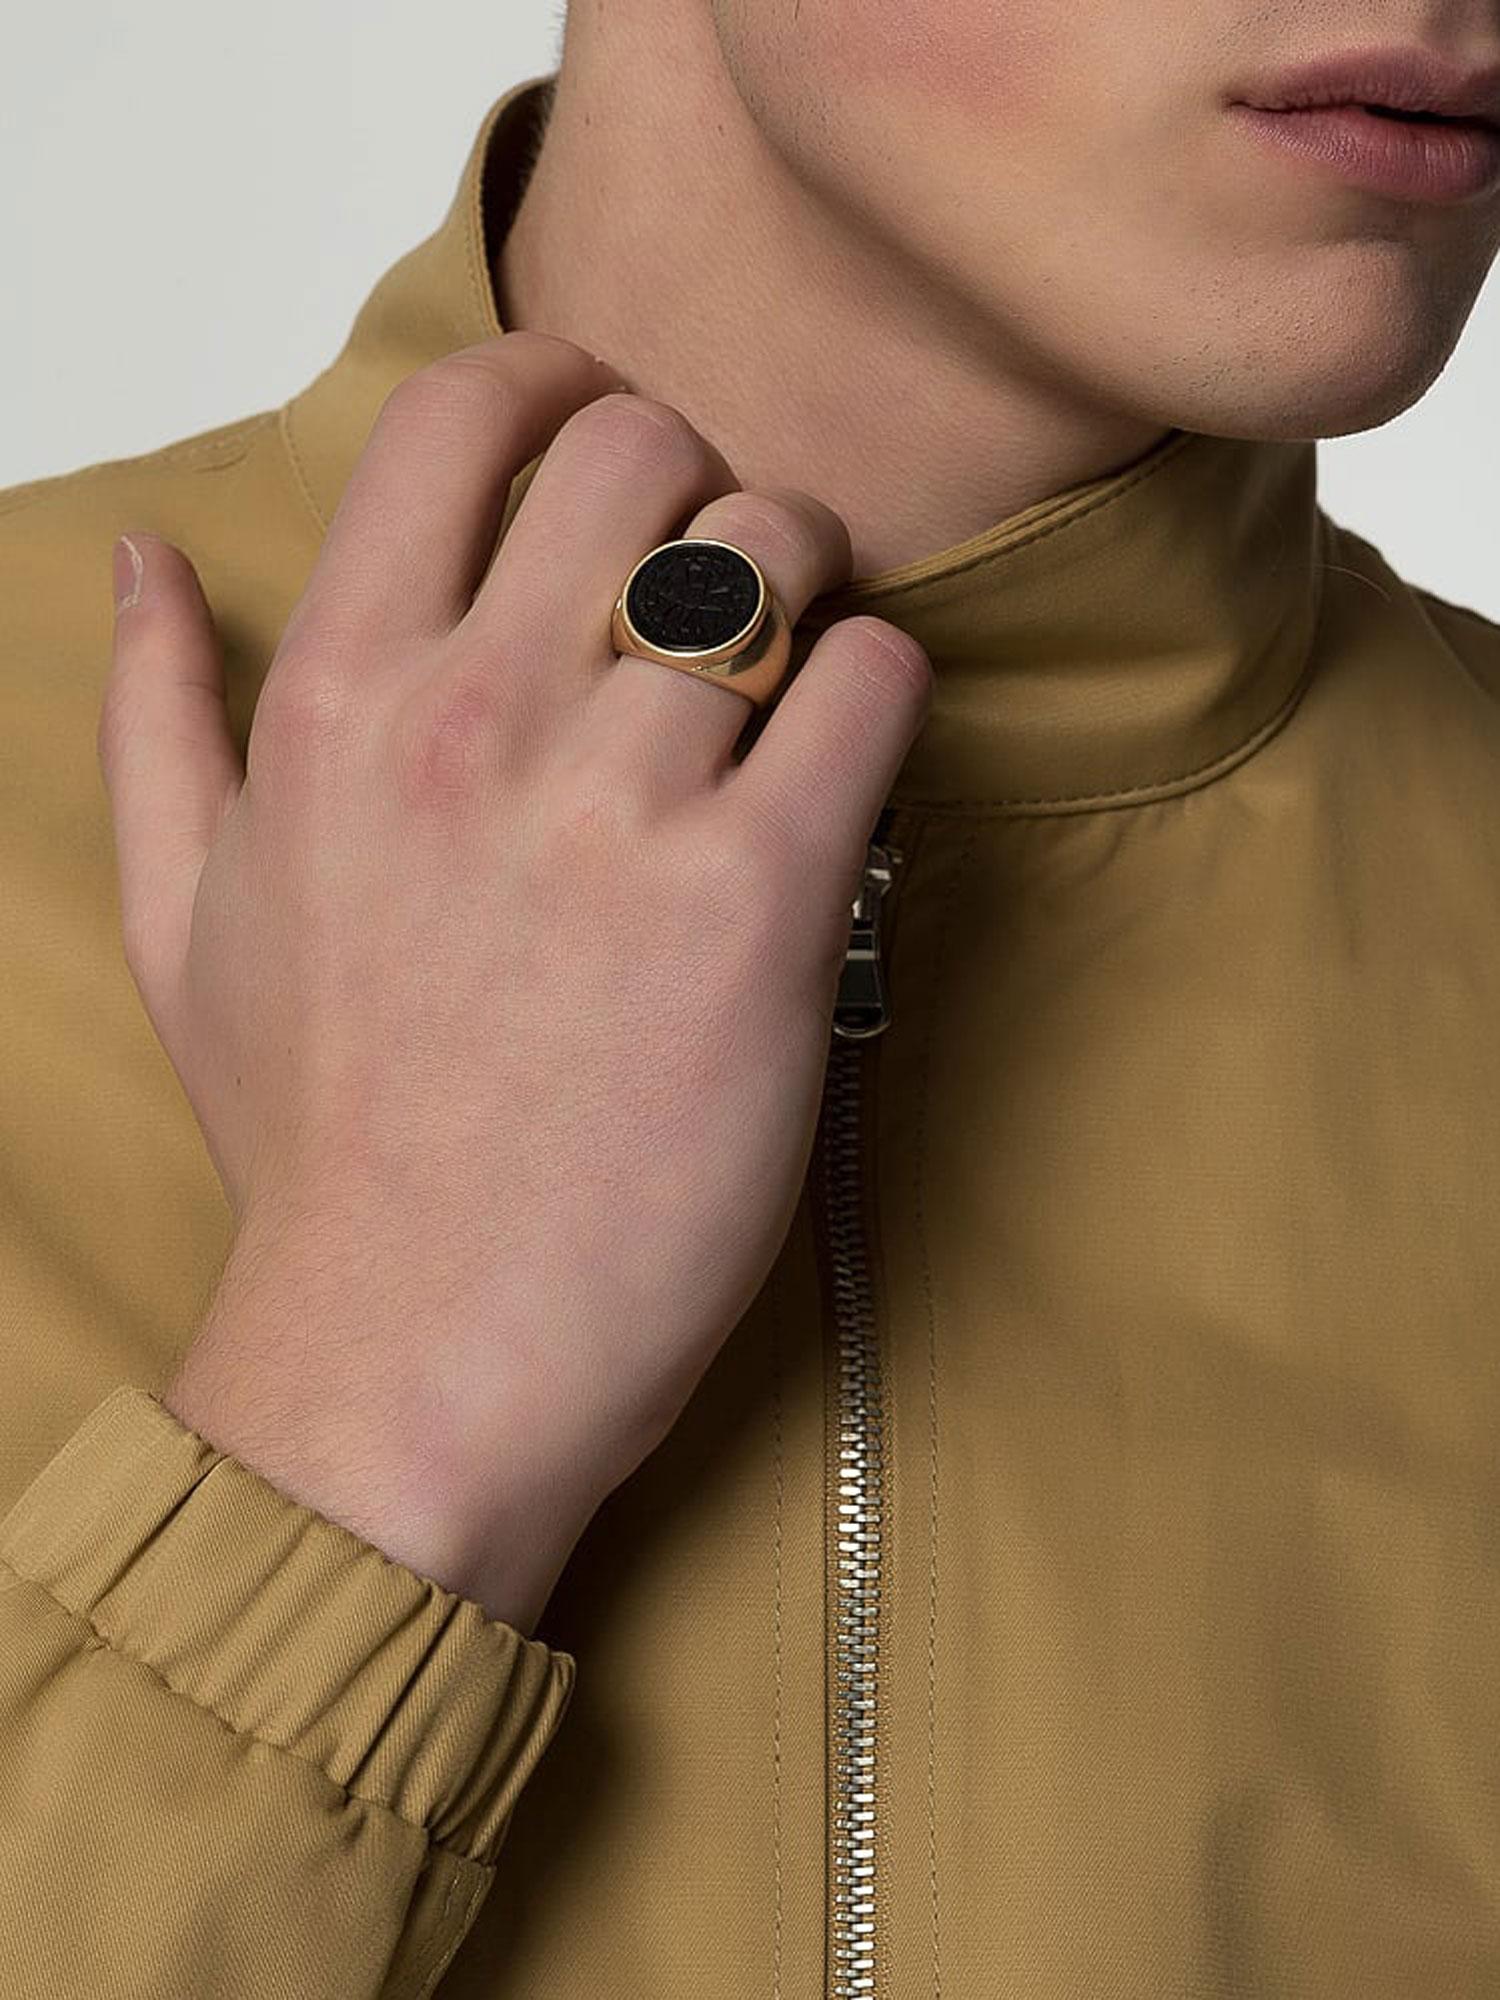 an welchem finger trägt man einen siegelring